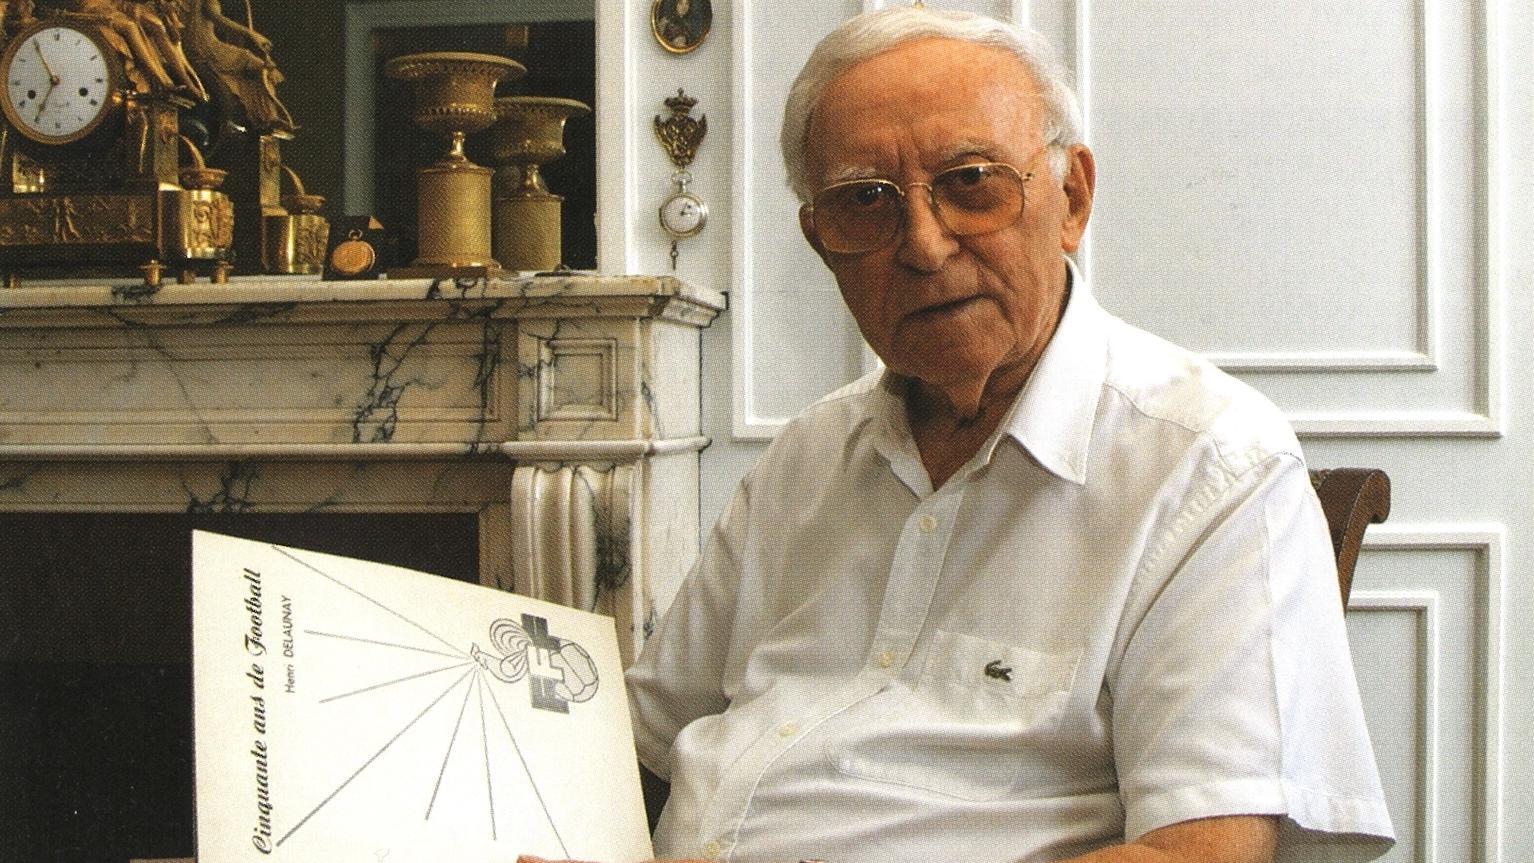 Tuy nhiên, phải 3 năm sau khi Henry Delaunay qua đời thì người con trai là Pierre Delaunay mới chính thức biến nguyện vọng của cha thành hiện thực